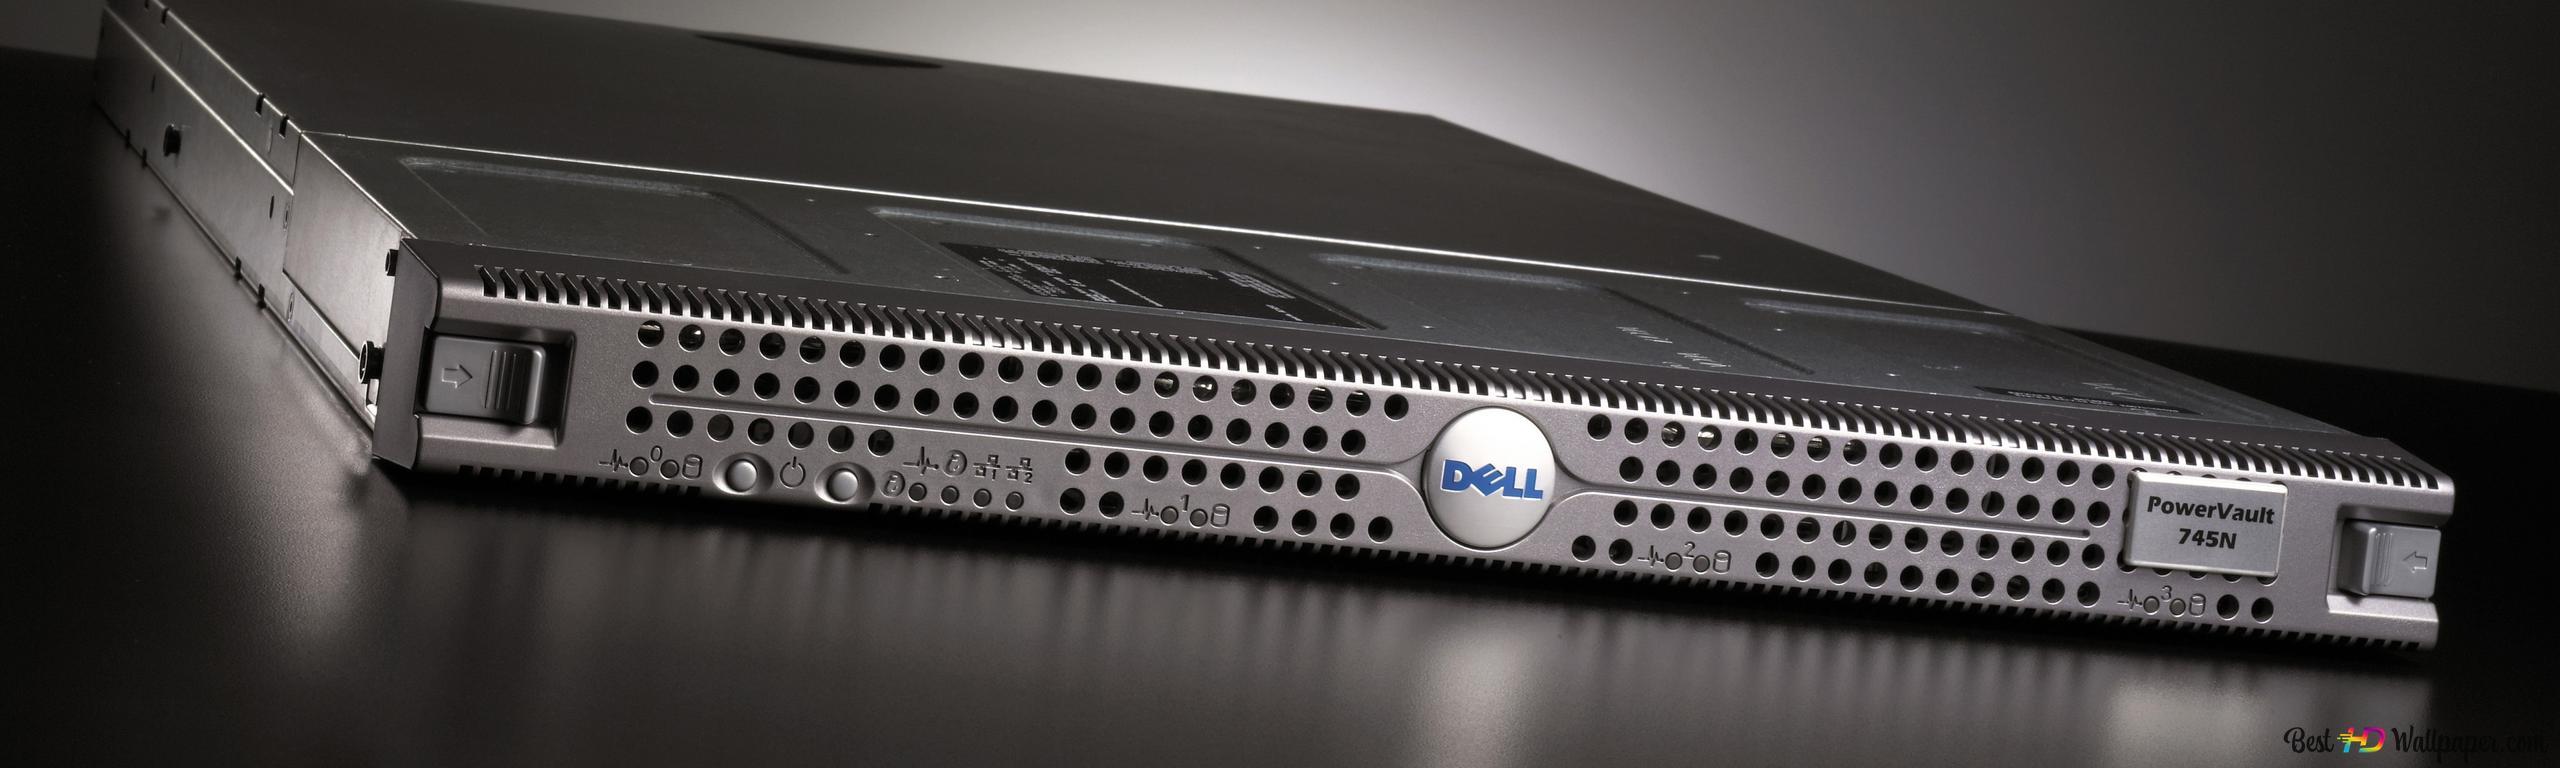 Dell Powervault 745n Hd壁紙のダウンロード